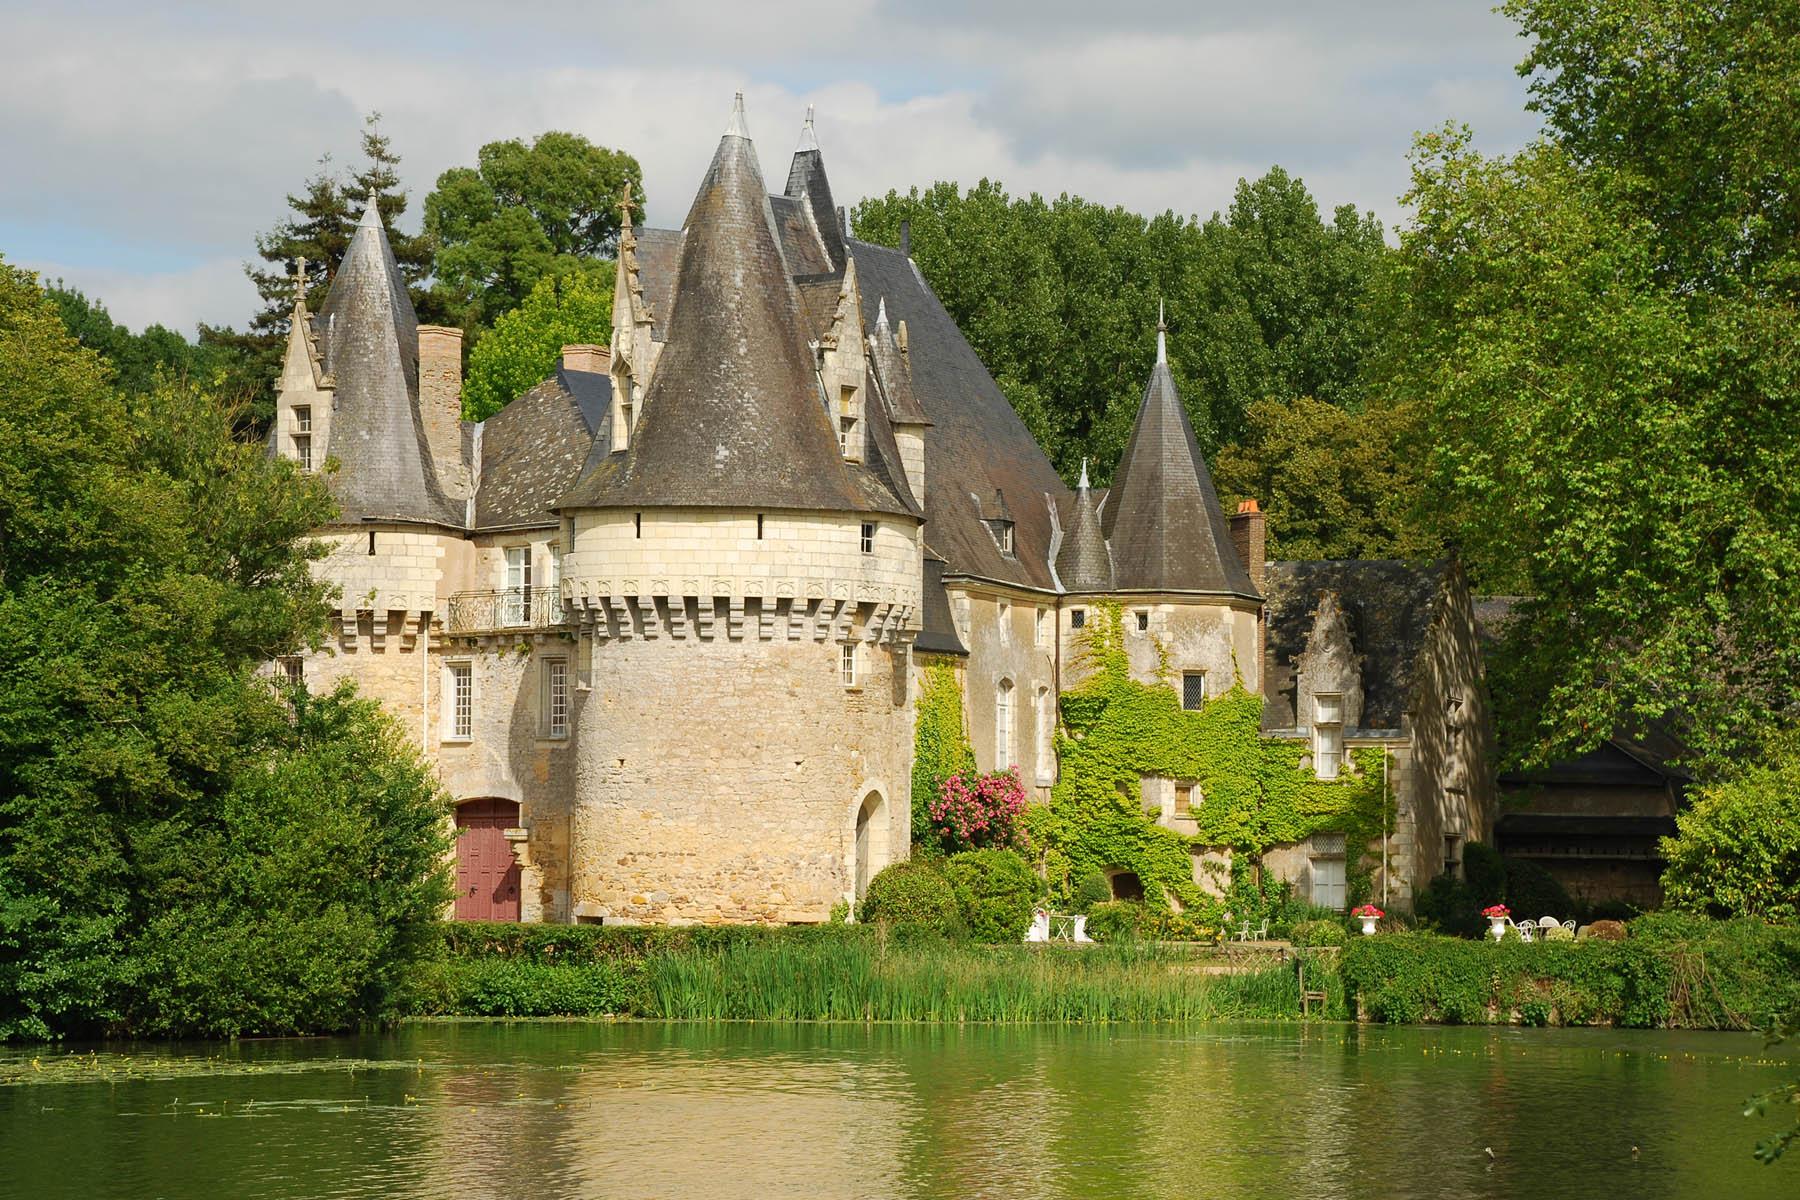 Bazouges sur le Loir - Ce château est une ancienne forteresse bâtie au XIème siècle pour défendre le Haut Anjou (Source Internet, www.all-free-photos.com)